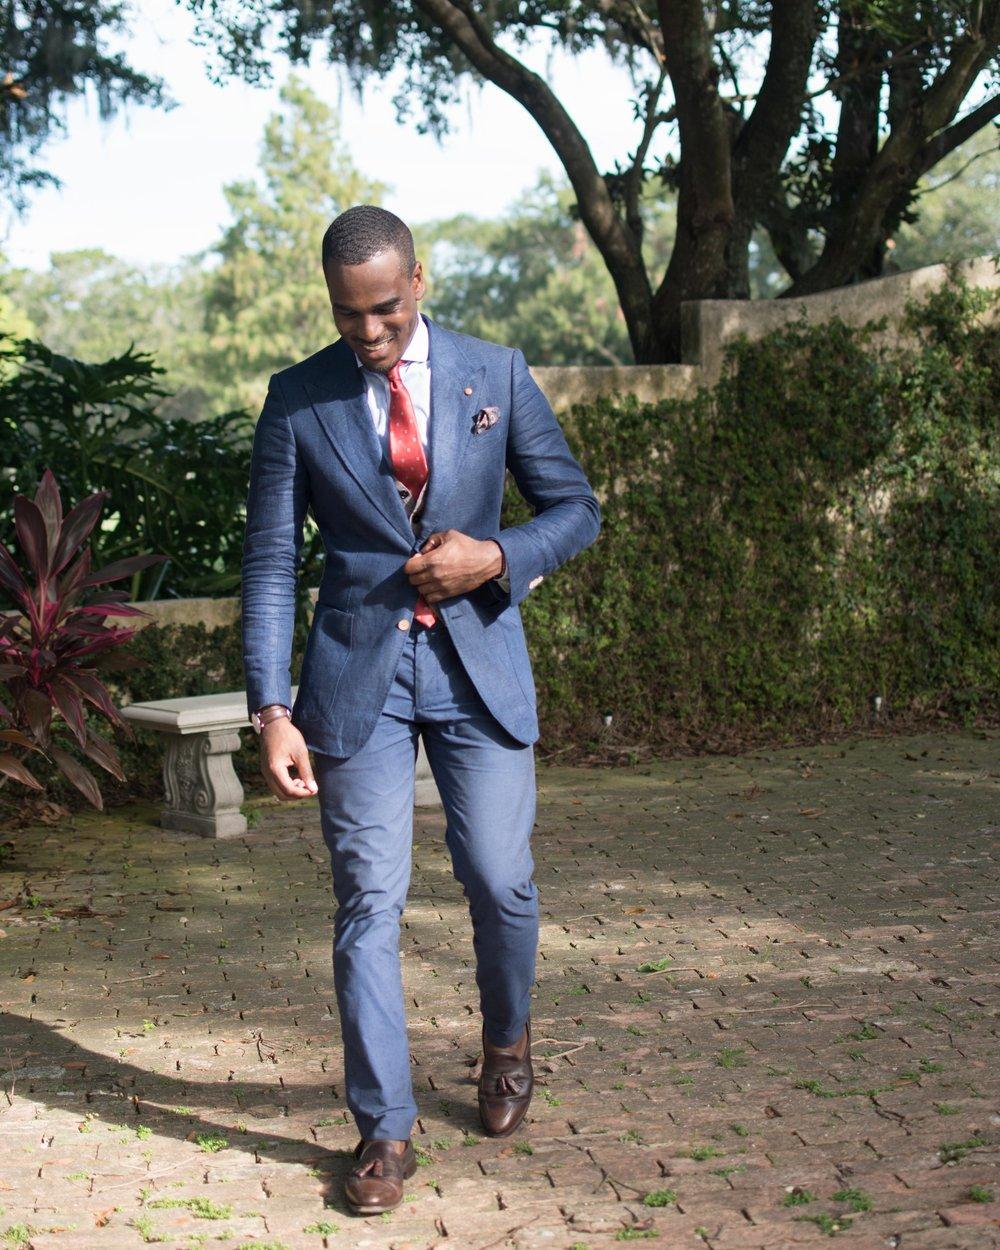 gregsstyleguide greg mcgregorson summer suit -24.jpg